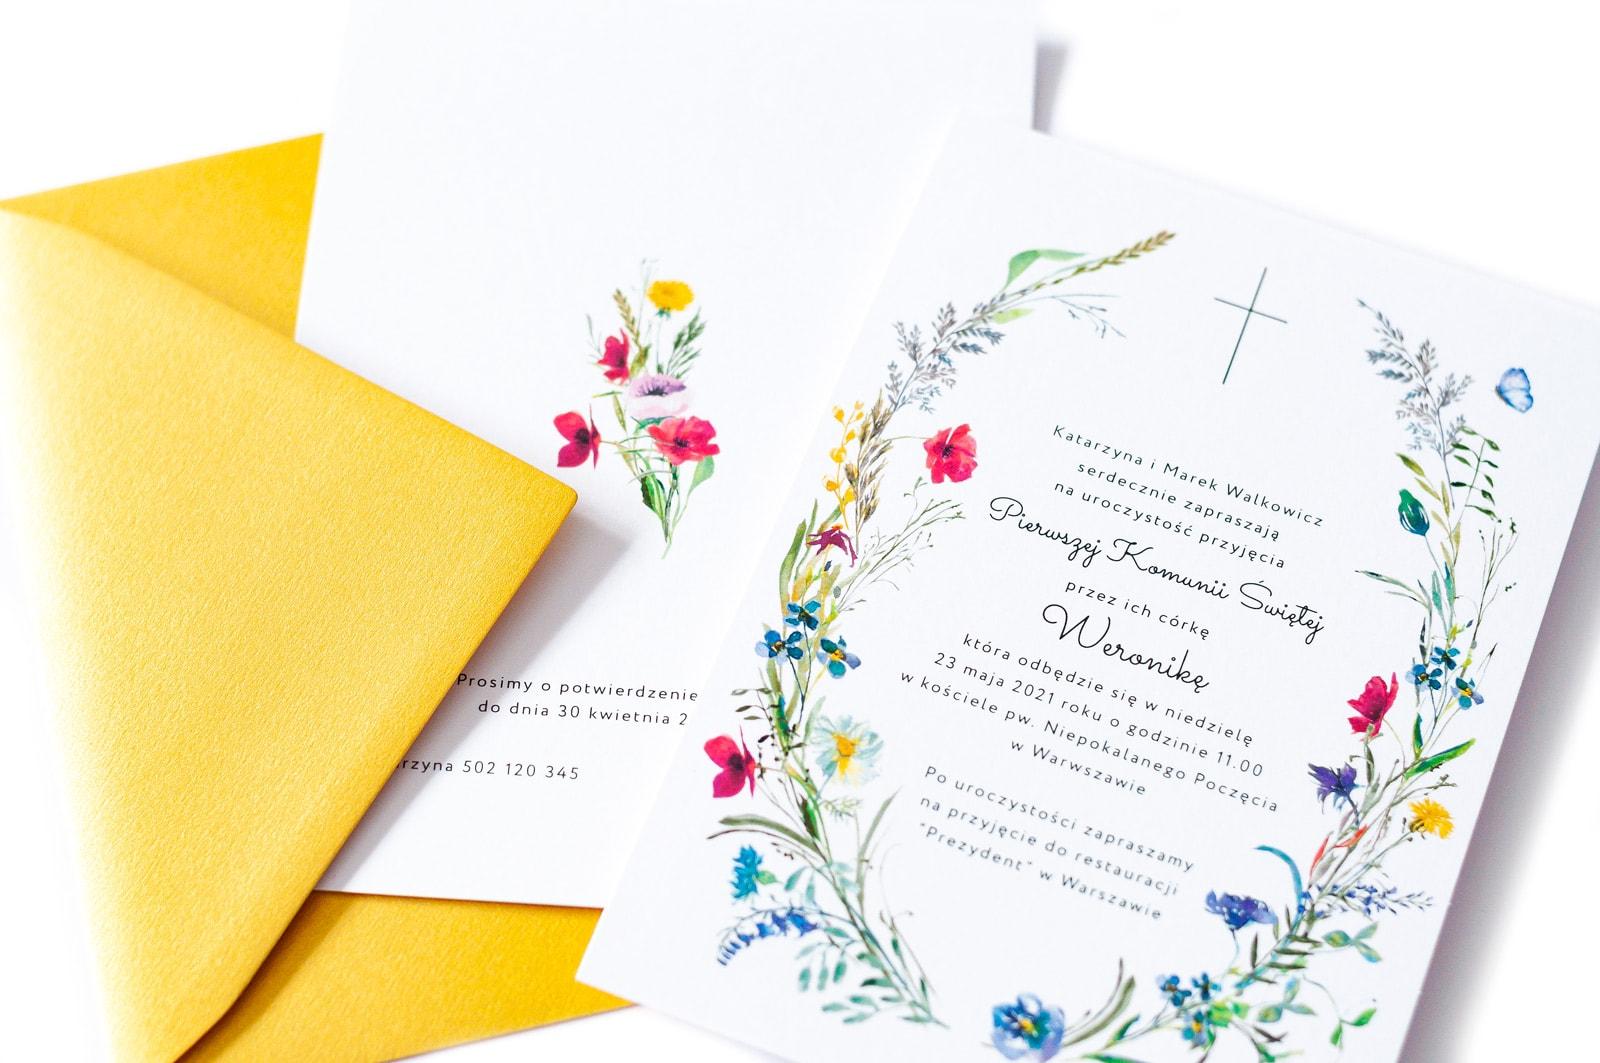 Zaproszenia na Komunię z bukietem polnych kwiatów, maków, bratków i chabrów